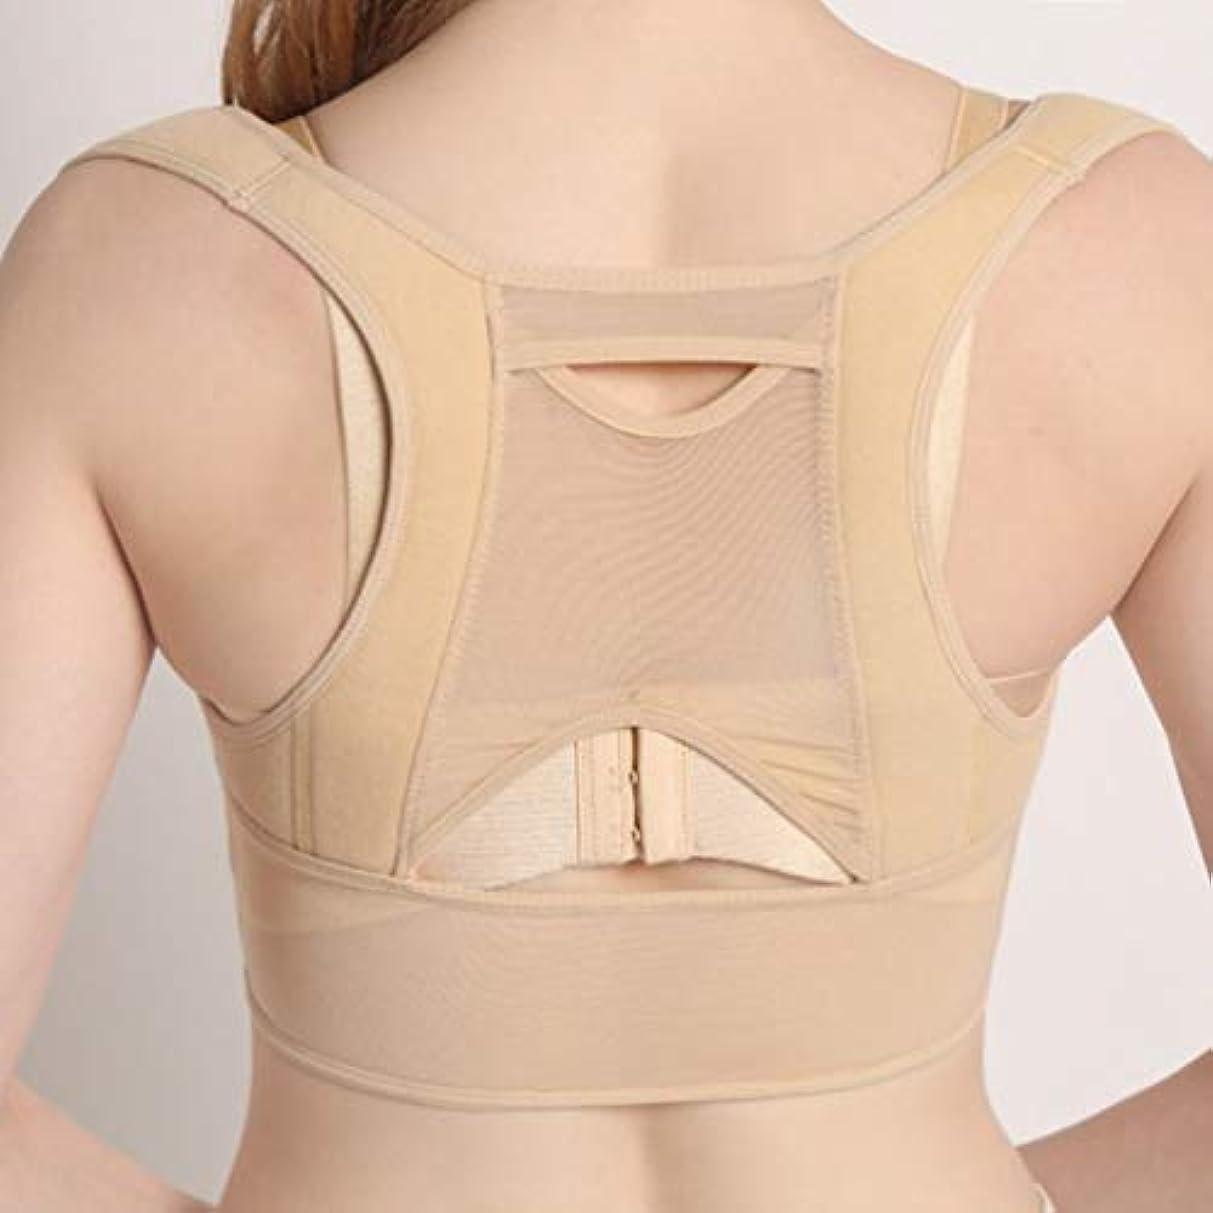 現実的ちらつき降雨通気性のある女性の背中の姿勢矯正コルセット整形外科の肩の背骨の姿勢矯正腰椎サポート - ベージュホワイトM